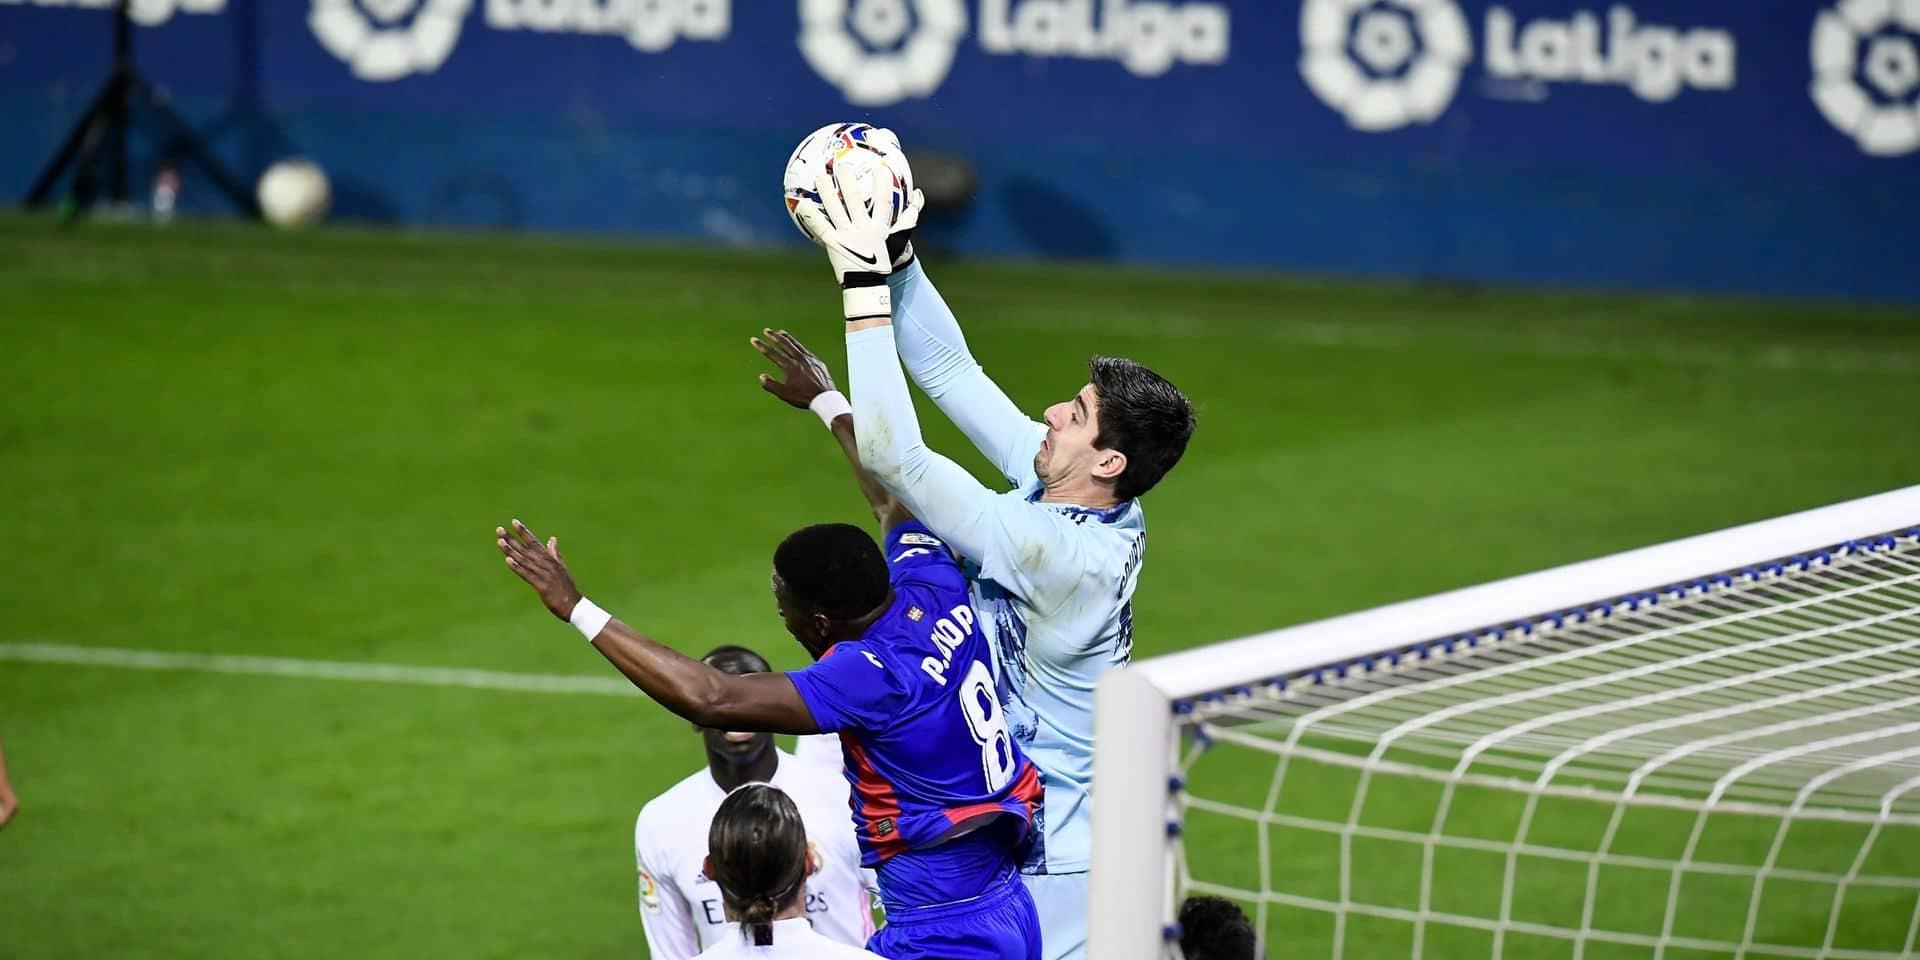 Les Belges à l'étranger: Courtois et le Real Madrid battent Eibar et rejoignent l'Atletico en tête de la Liga